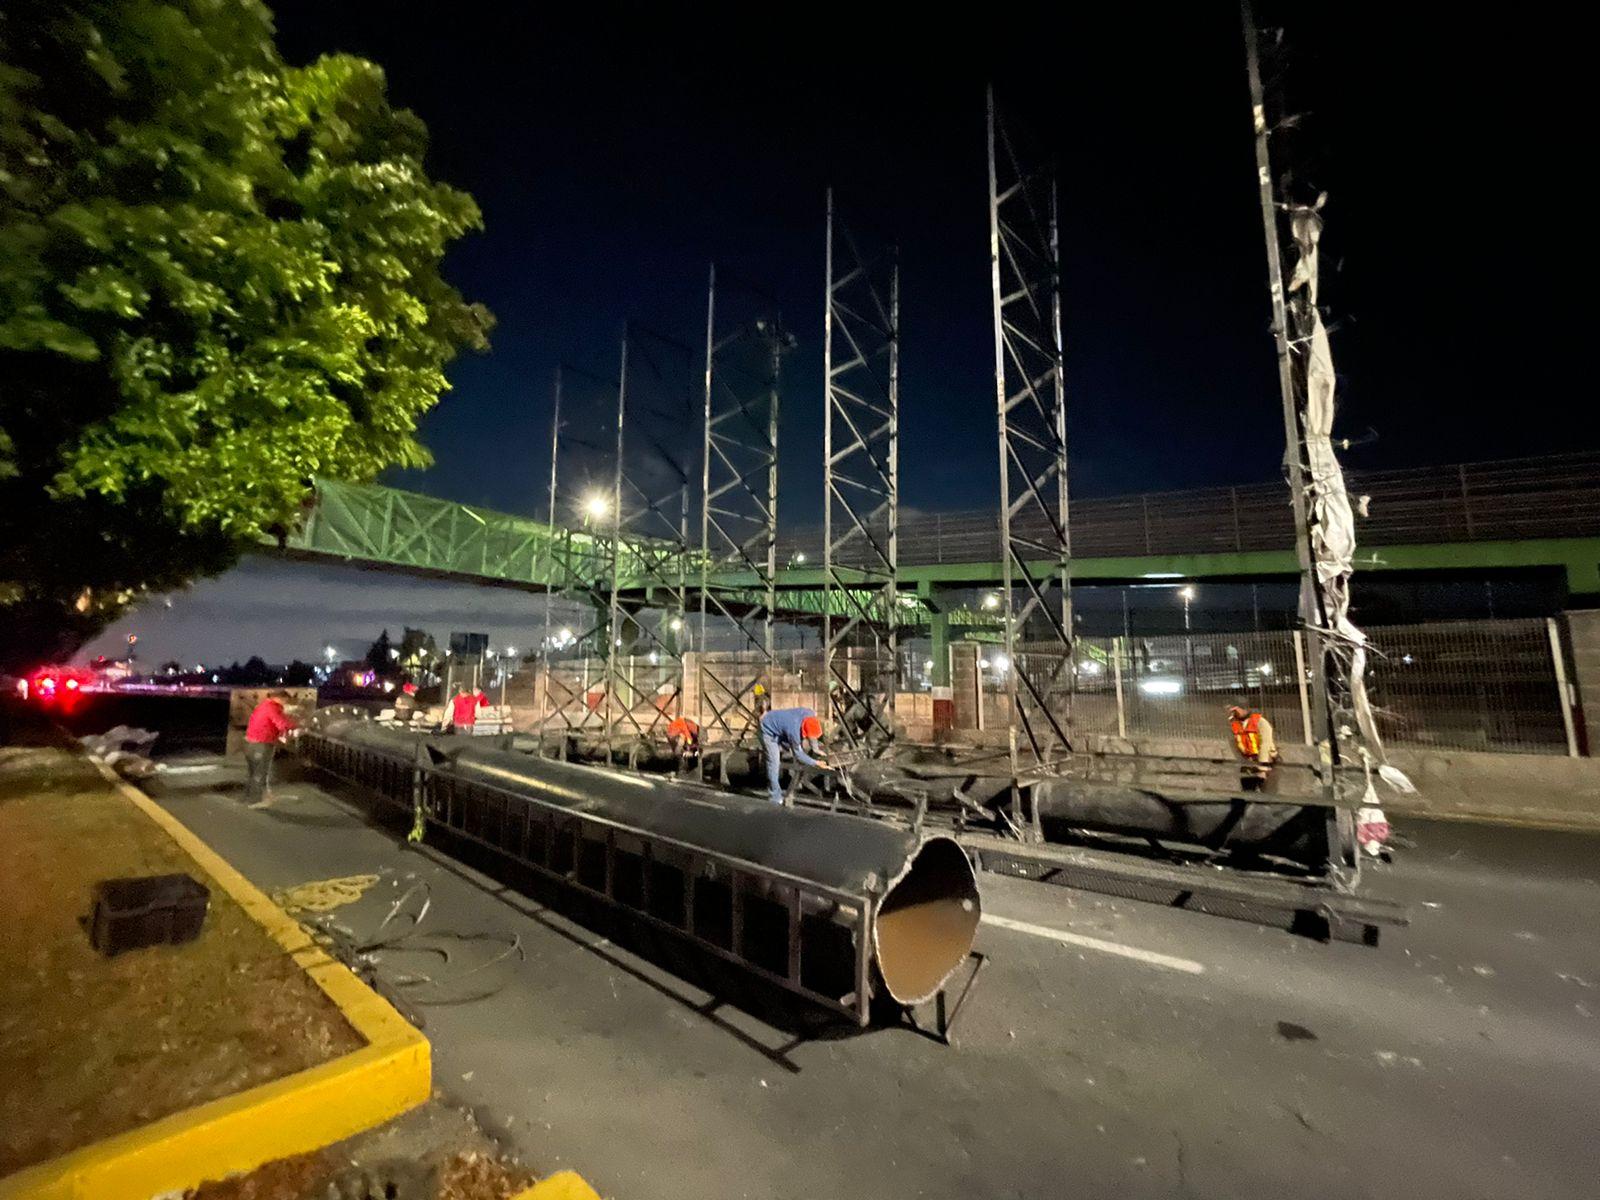 Autoridades retiran anuncio espectacular de 25 metros de altura en Ecatepec, ante riesgo de desplome